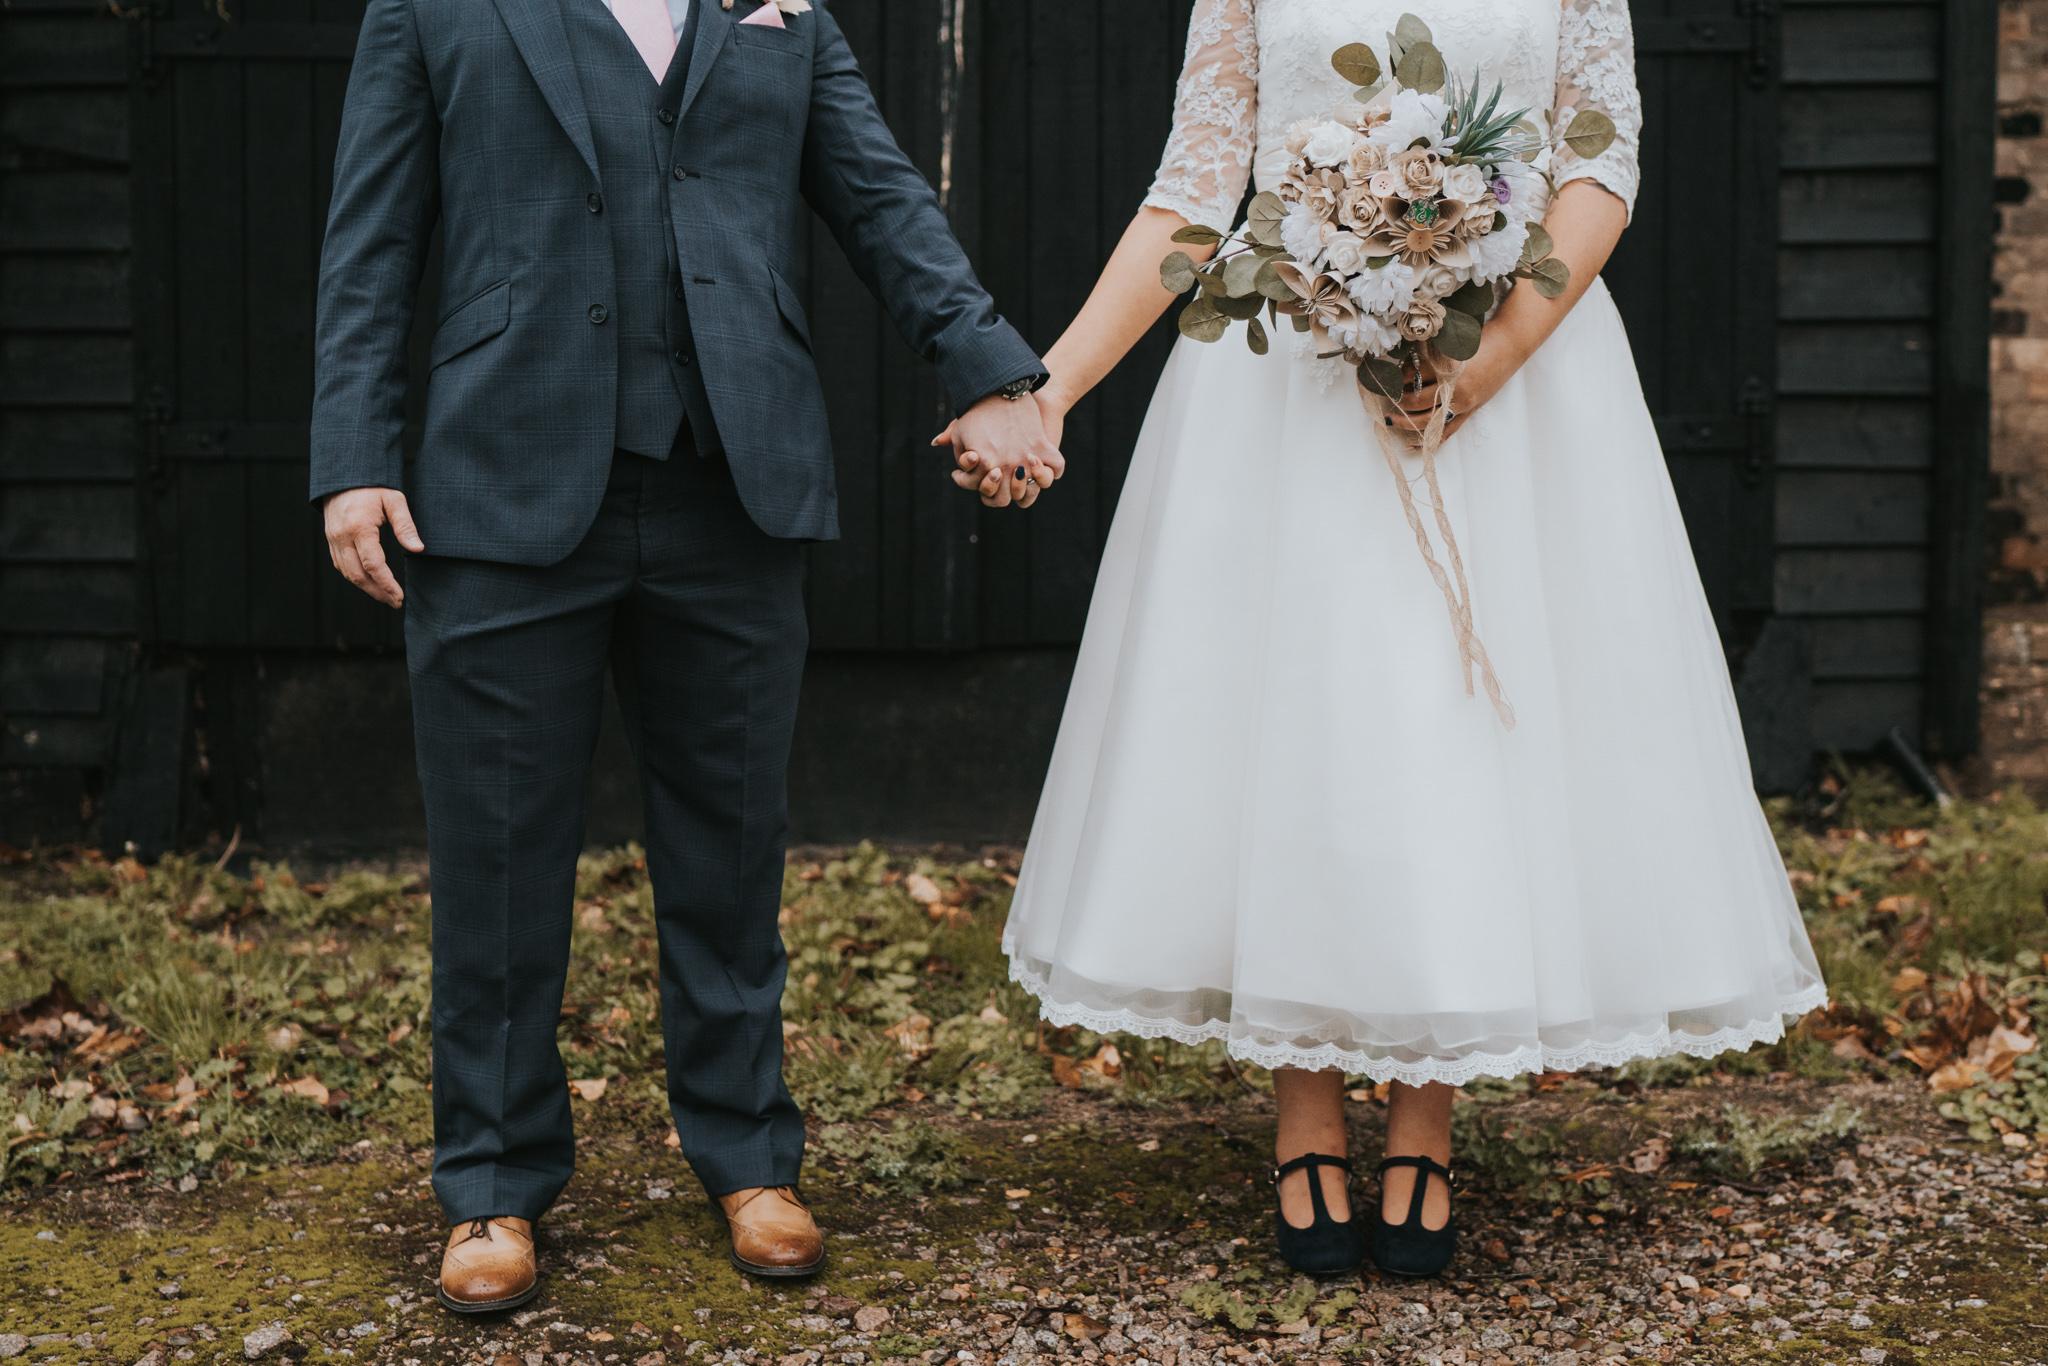 grace-elizabeth-essex-wedding-photographer-best-2018-highlights-norfolk-essex-devon-suffolk (91 of 100).jpg